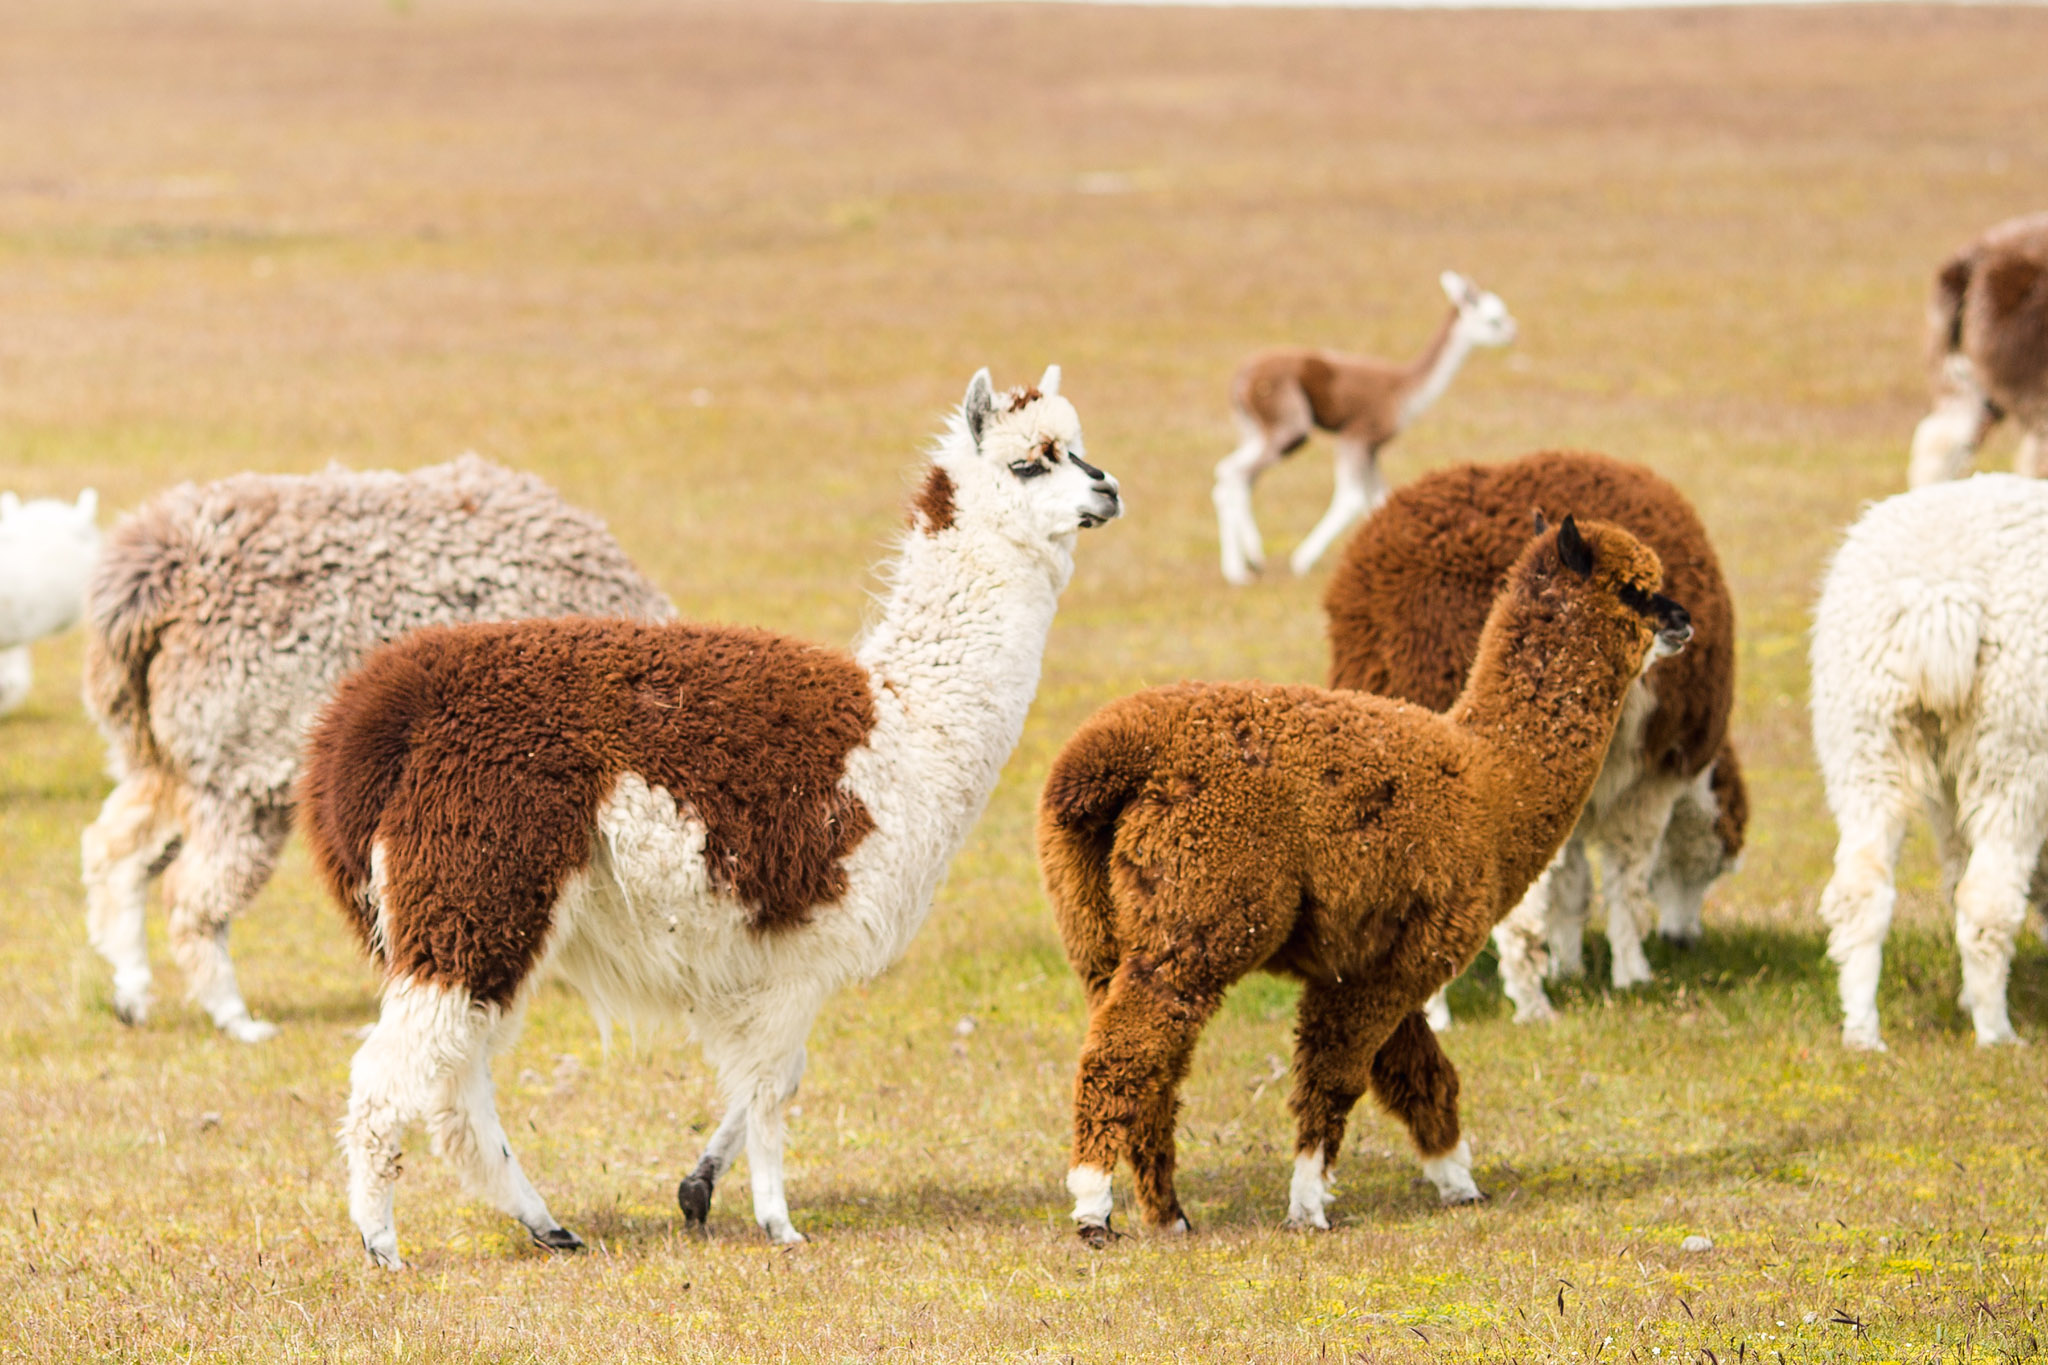 wedding-travellers-argentina-tierra-del-fuego-alpaca